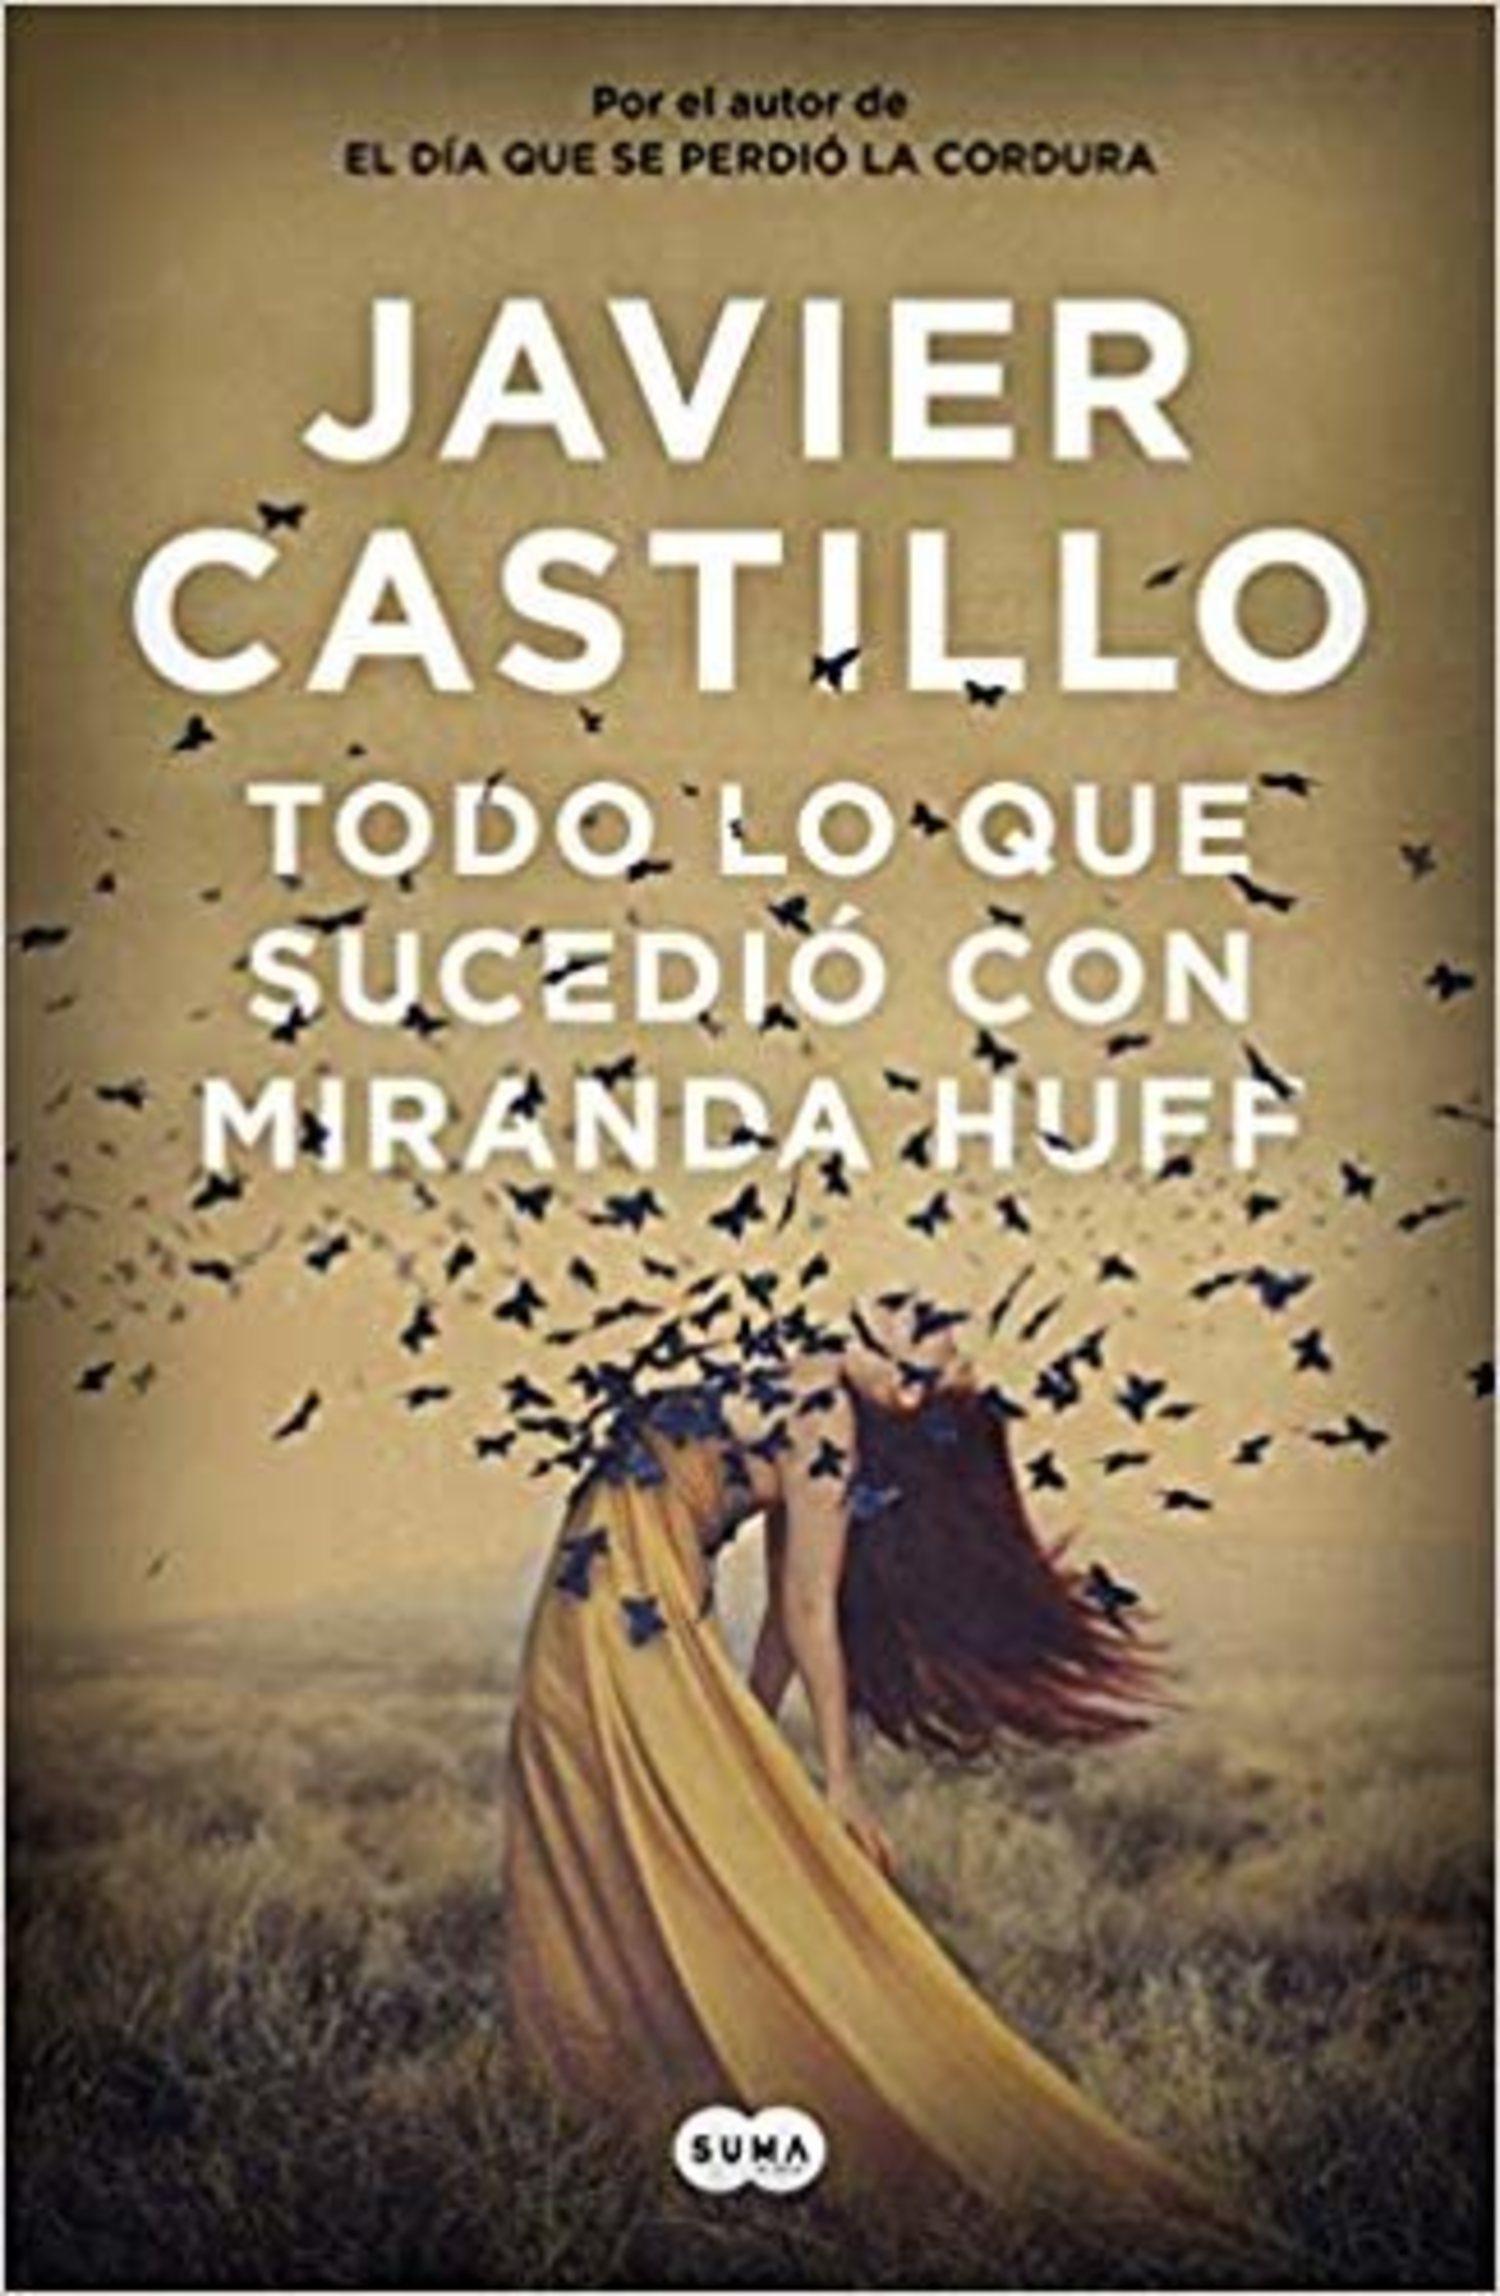 Todo lo que sucedió con Miranda Huff de Javier Castillo.